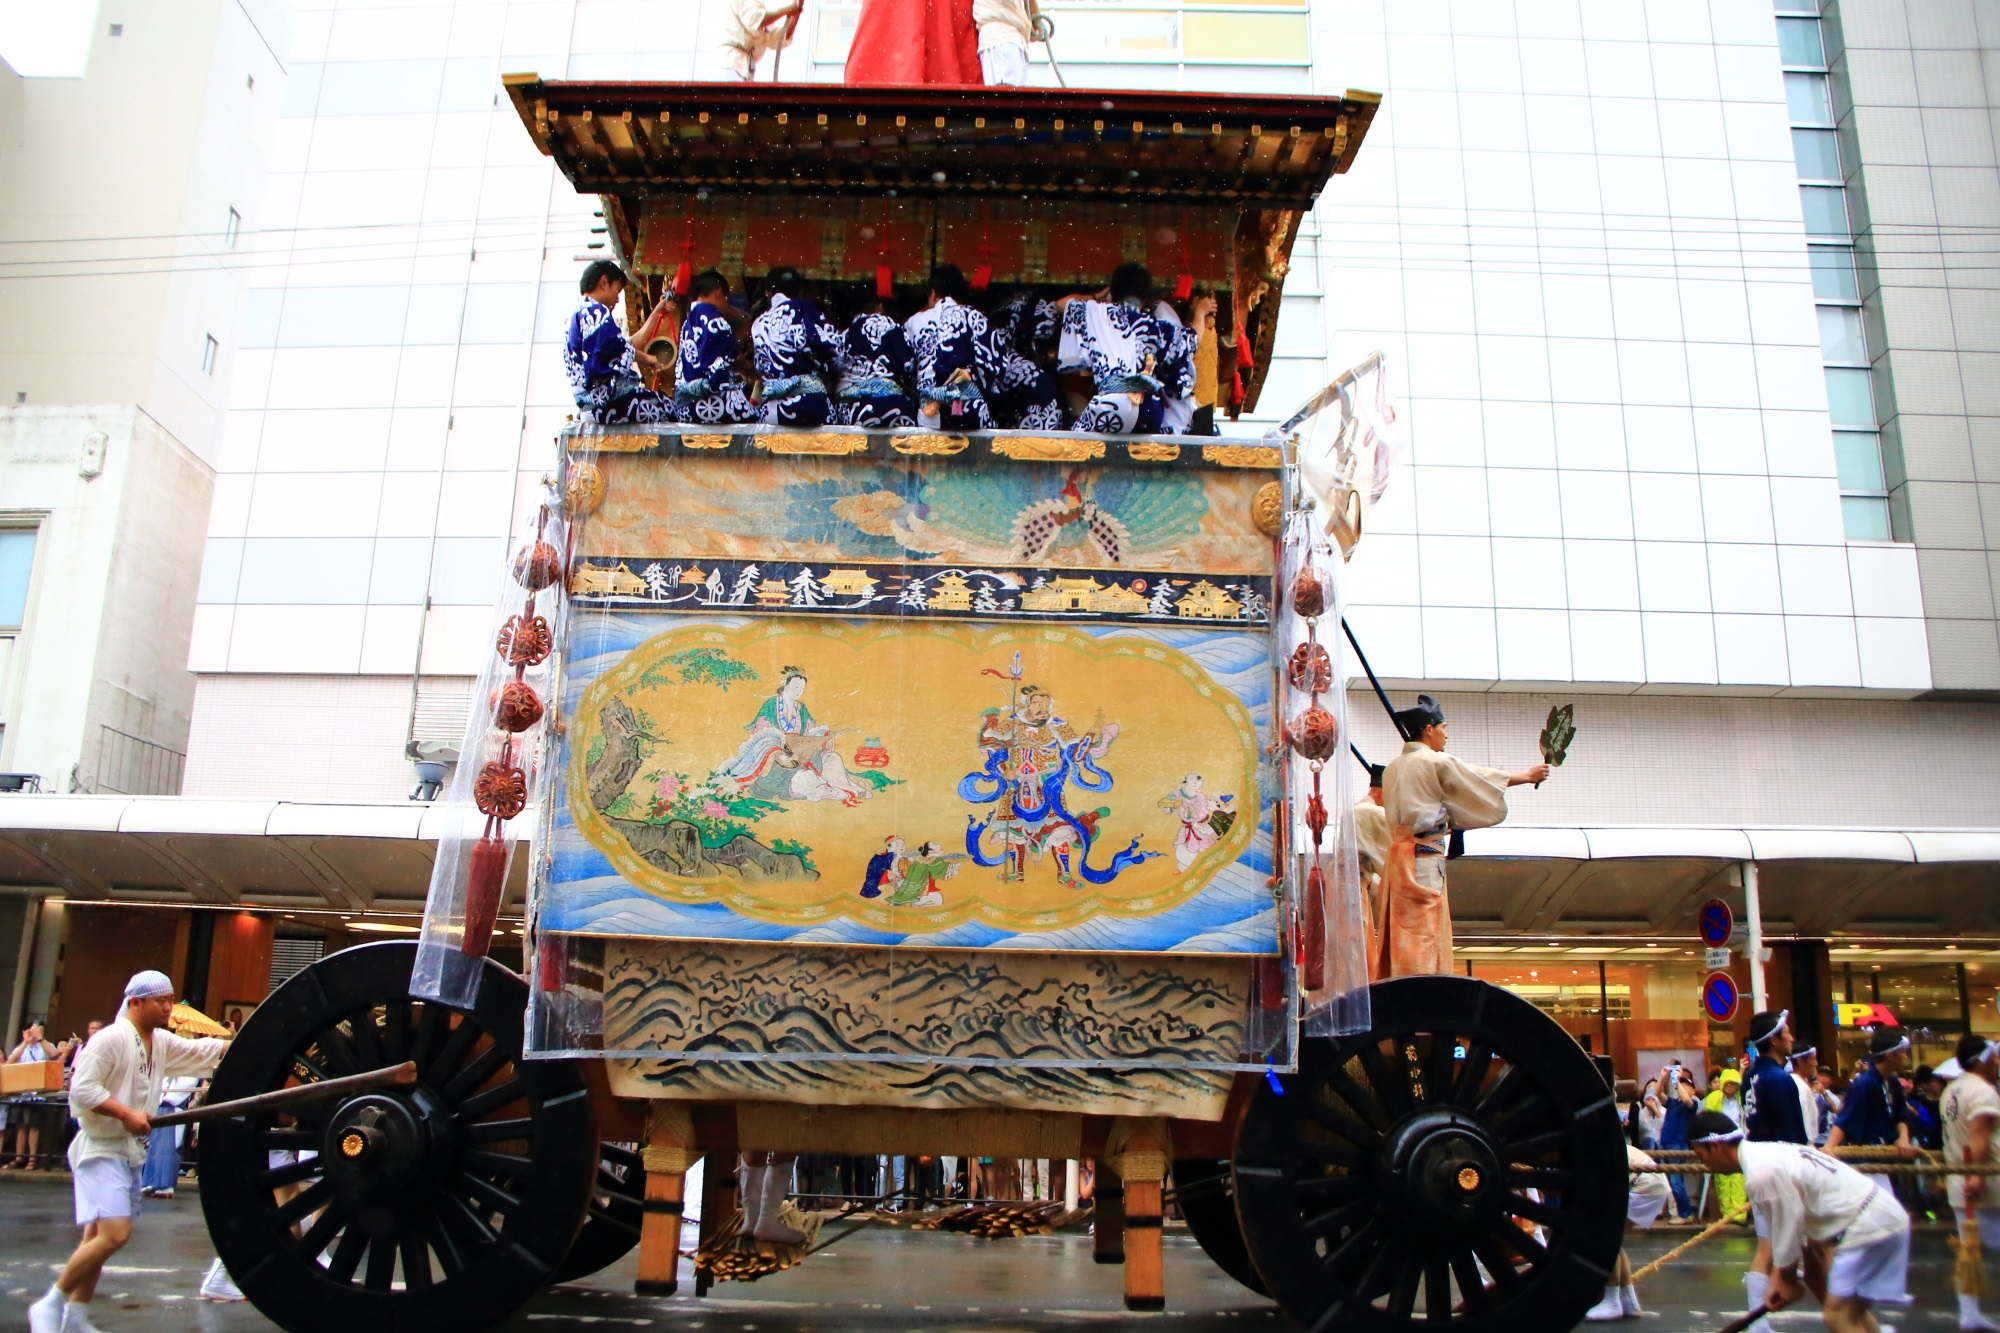 祇園祭の山鉾巡行(前祭)の菊水鉾(きくすいほこ)